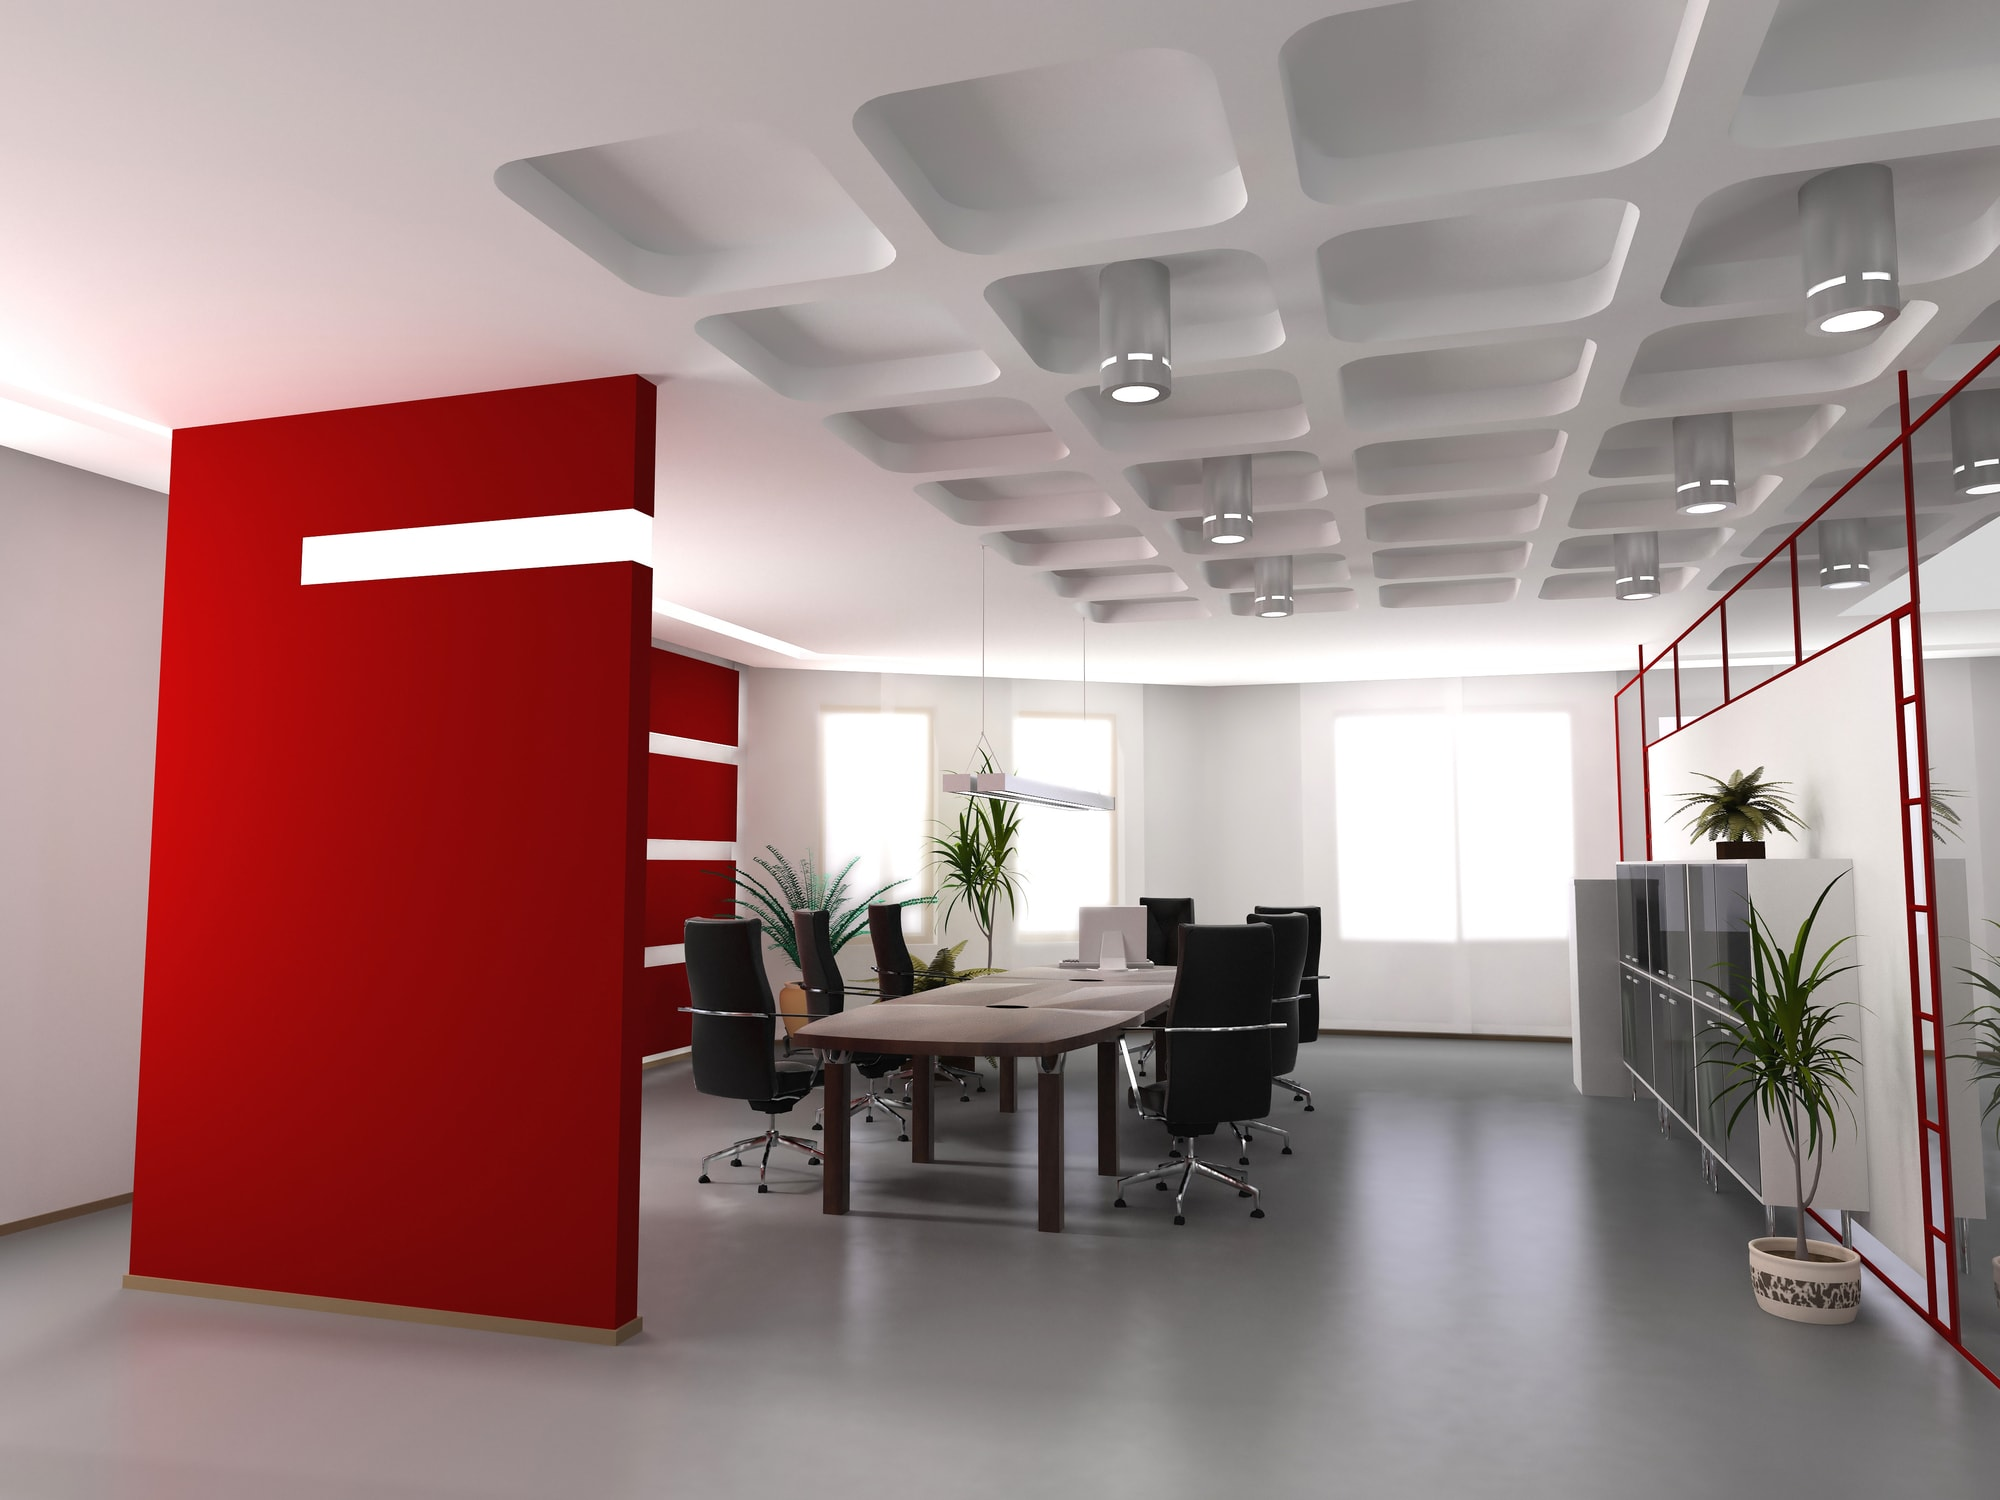 comment sous traiter le nettoyage de bureaux paris webmx. Black Bedroom Furniture Sets. Home Design Ideas